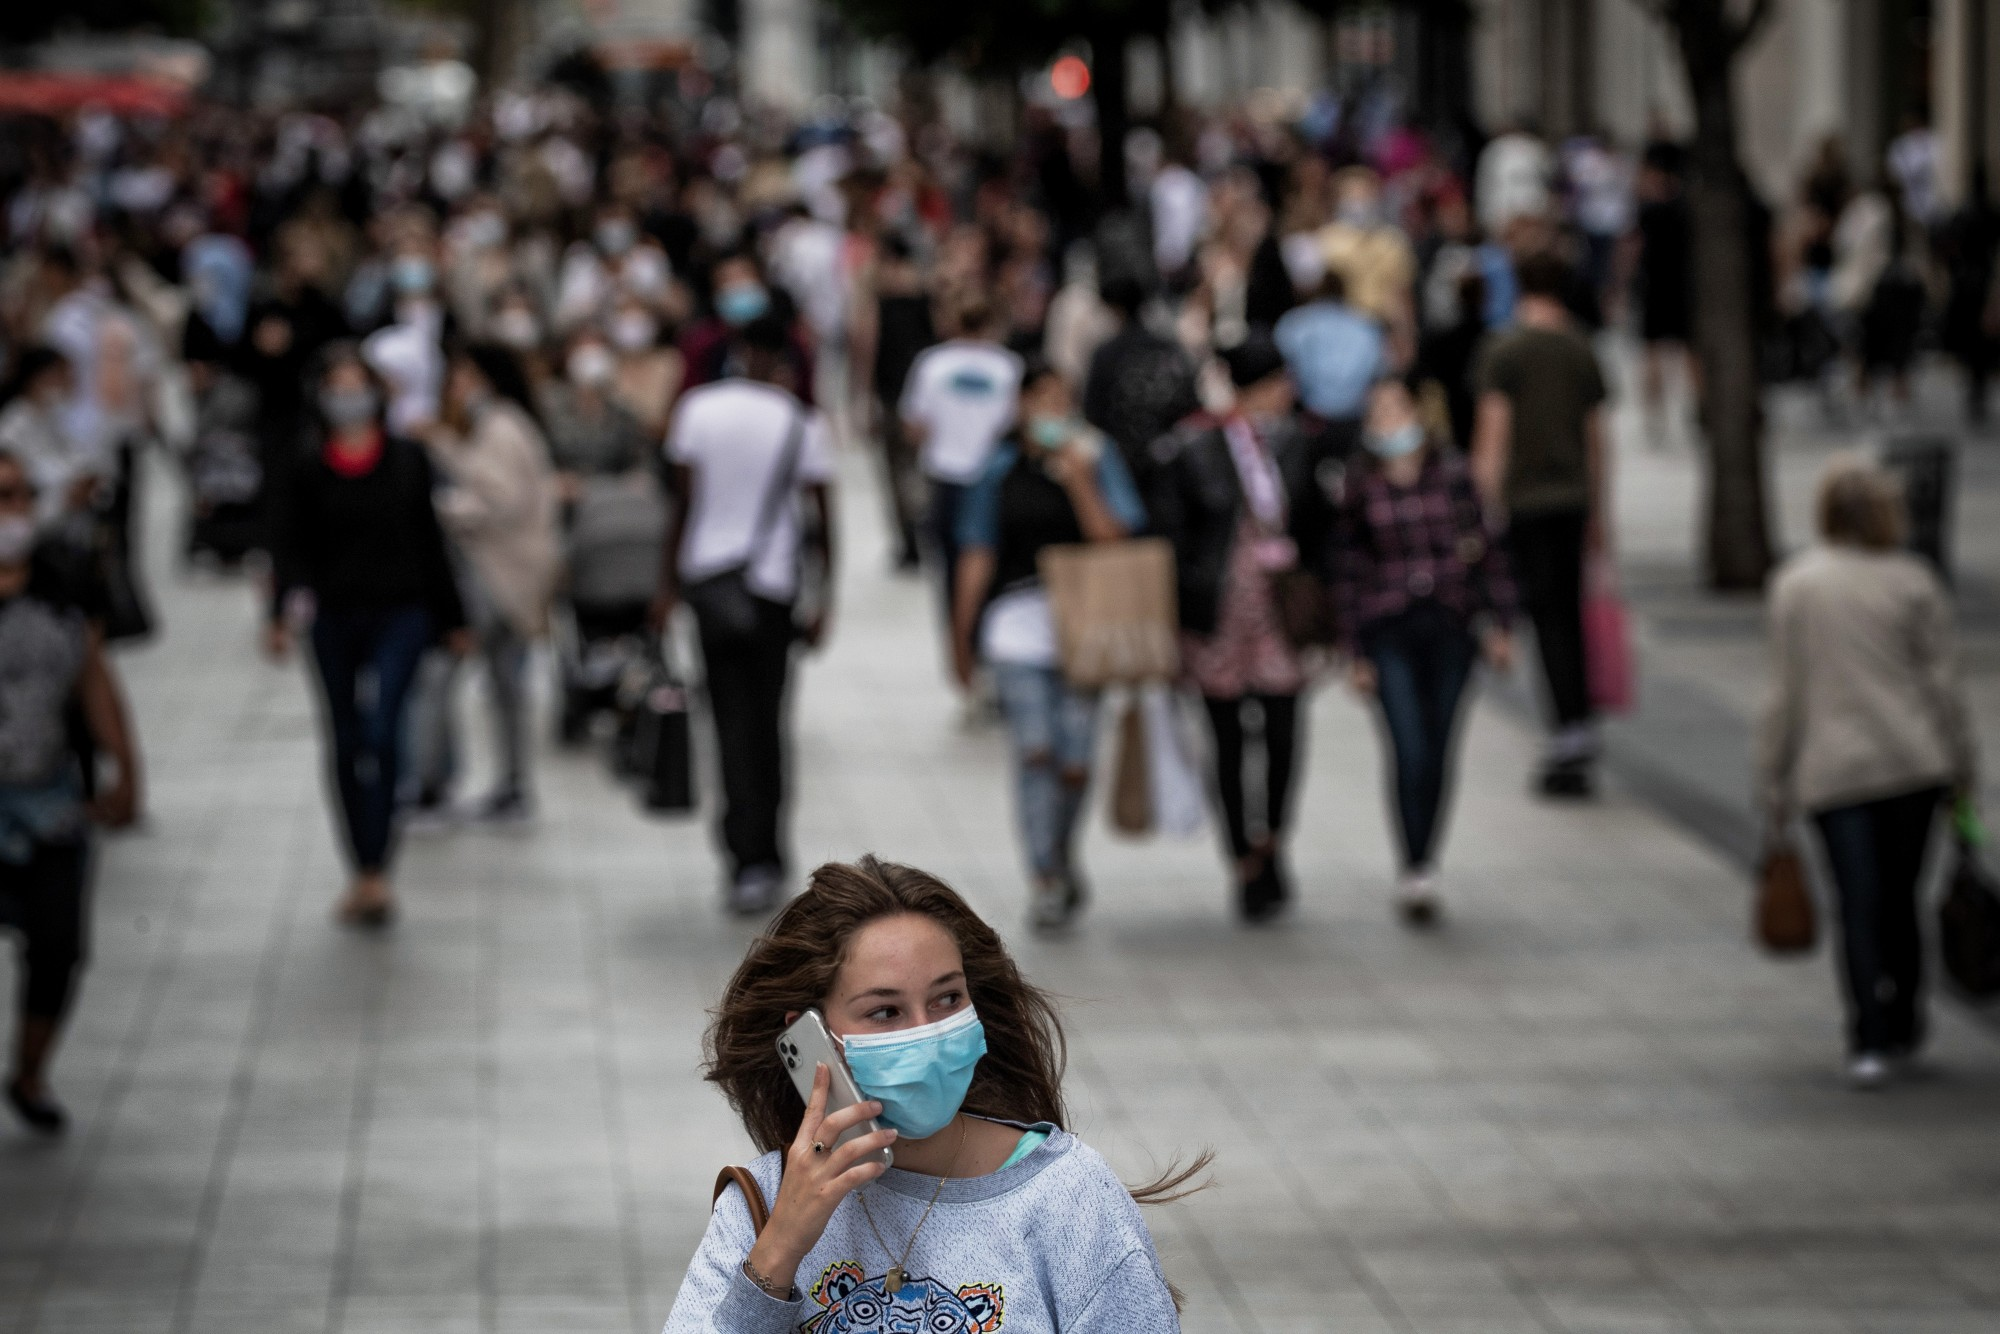 Coronavirus : les plus riches ont-ils plus de risques d'être contaminés ? - RTL.fr